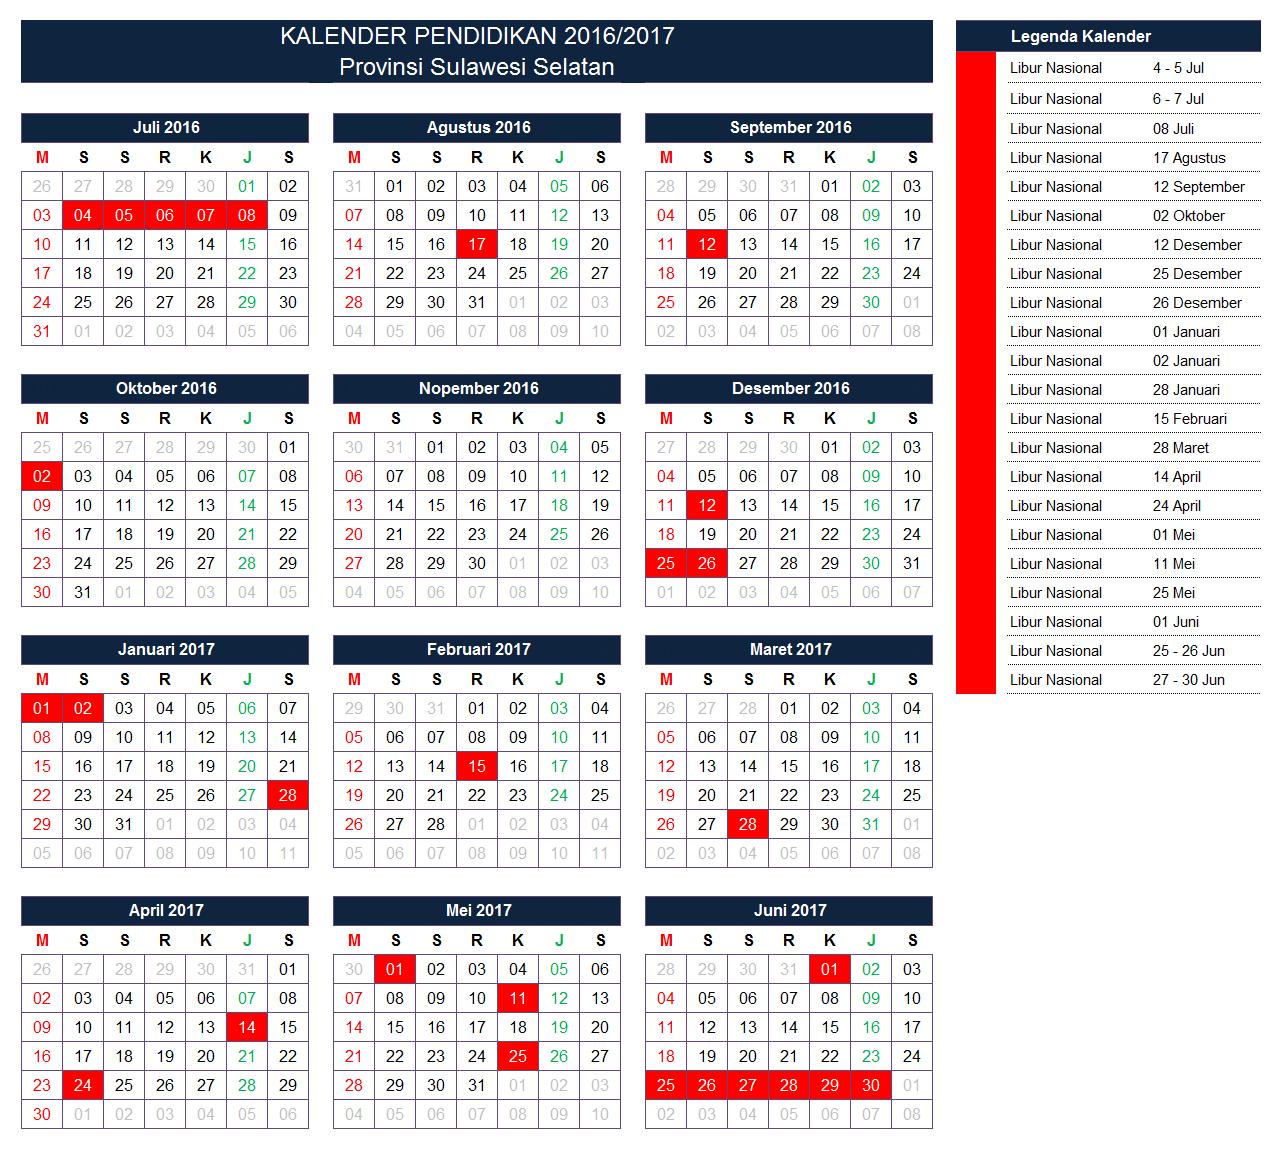 Kalender Pendidikan Provinsi Sulawesi Selatan